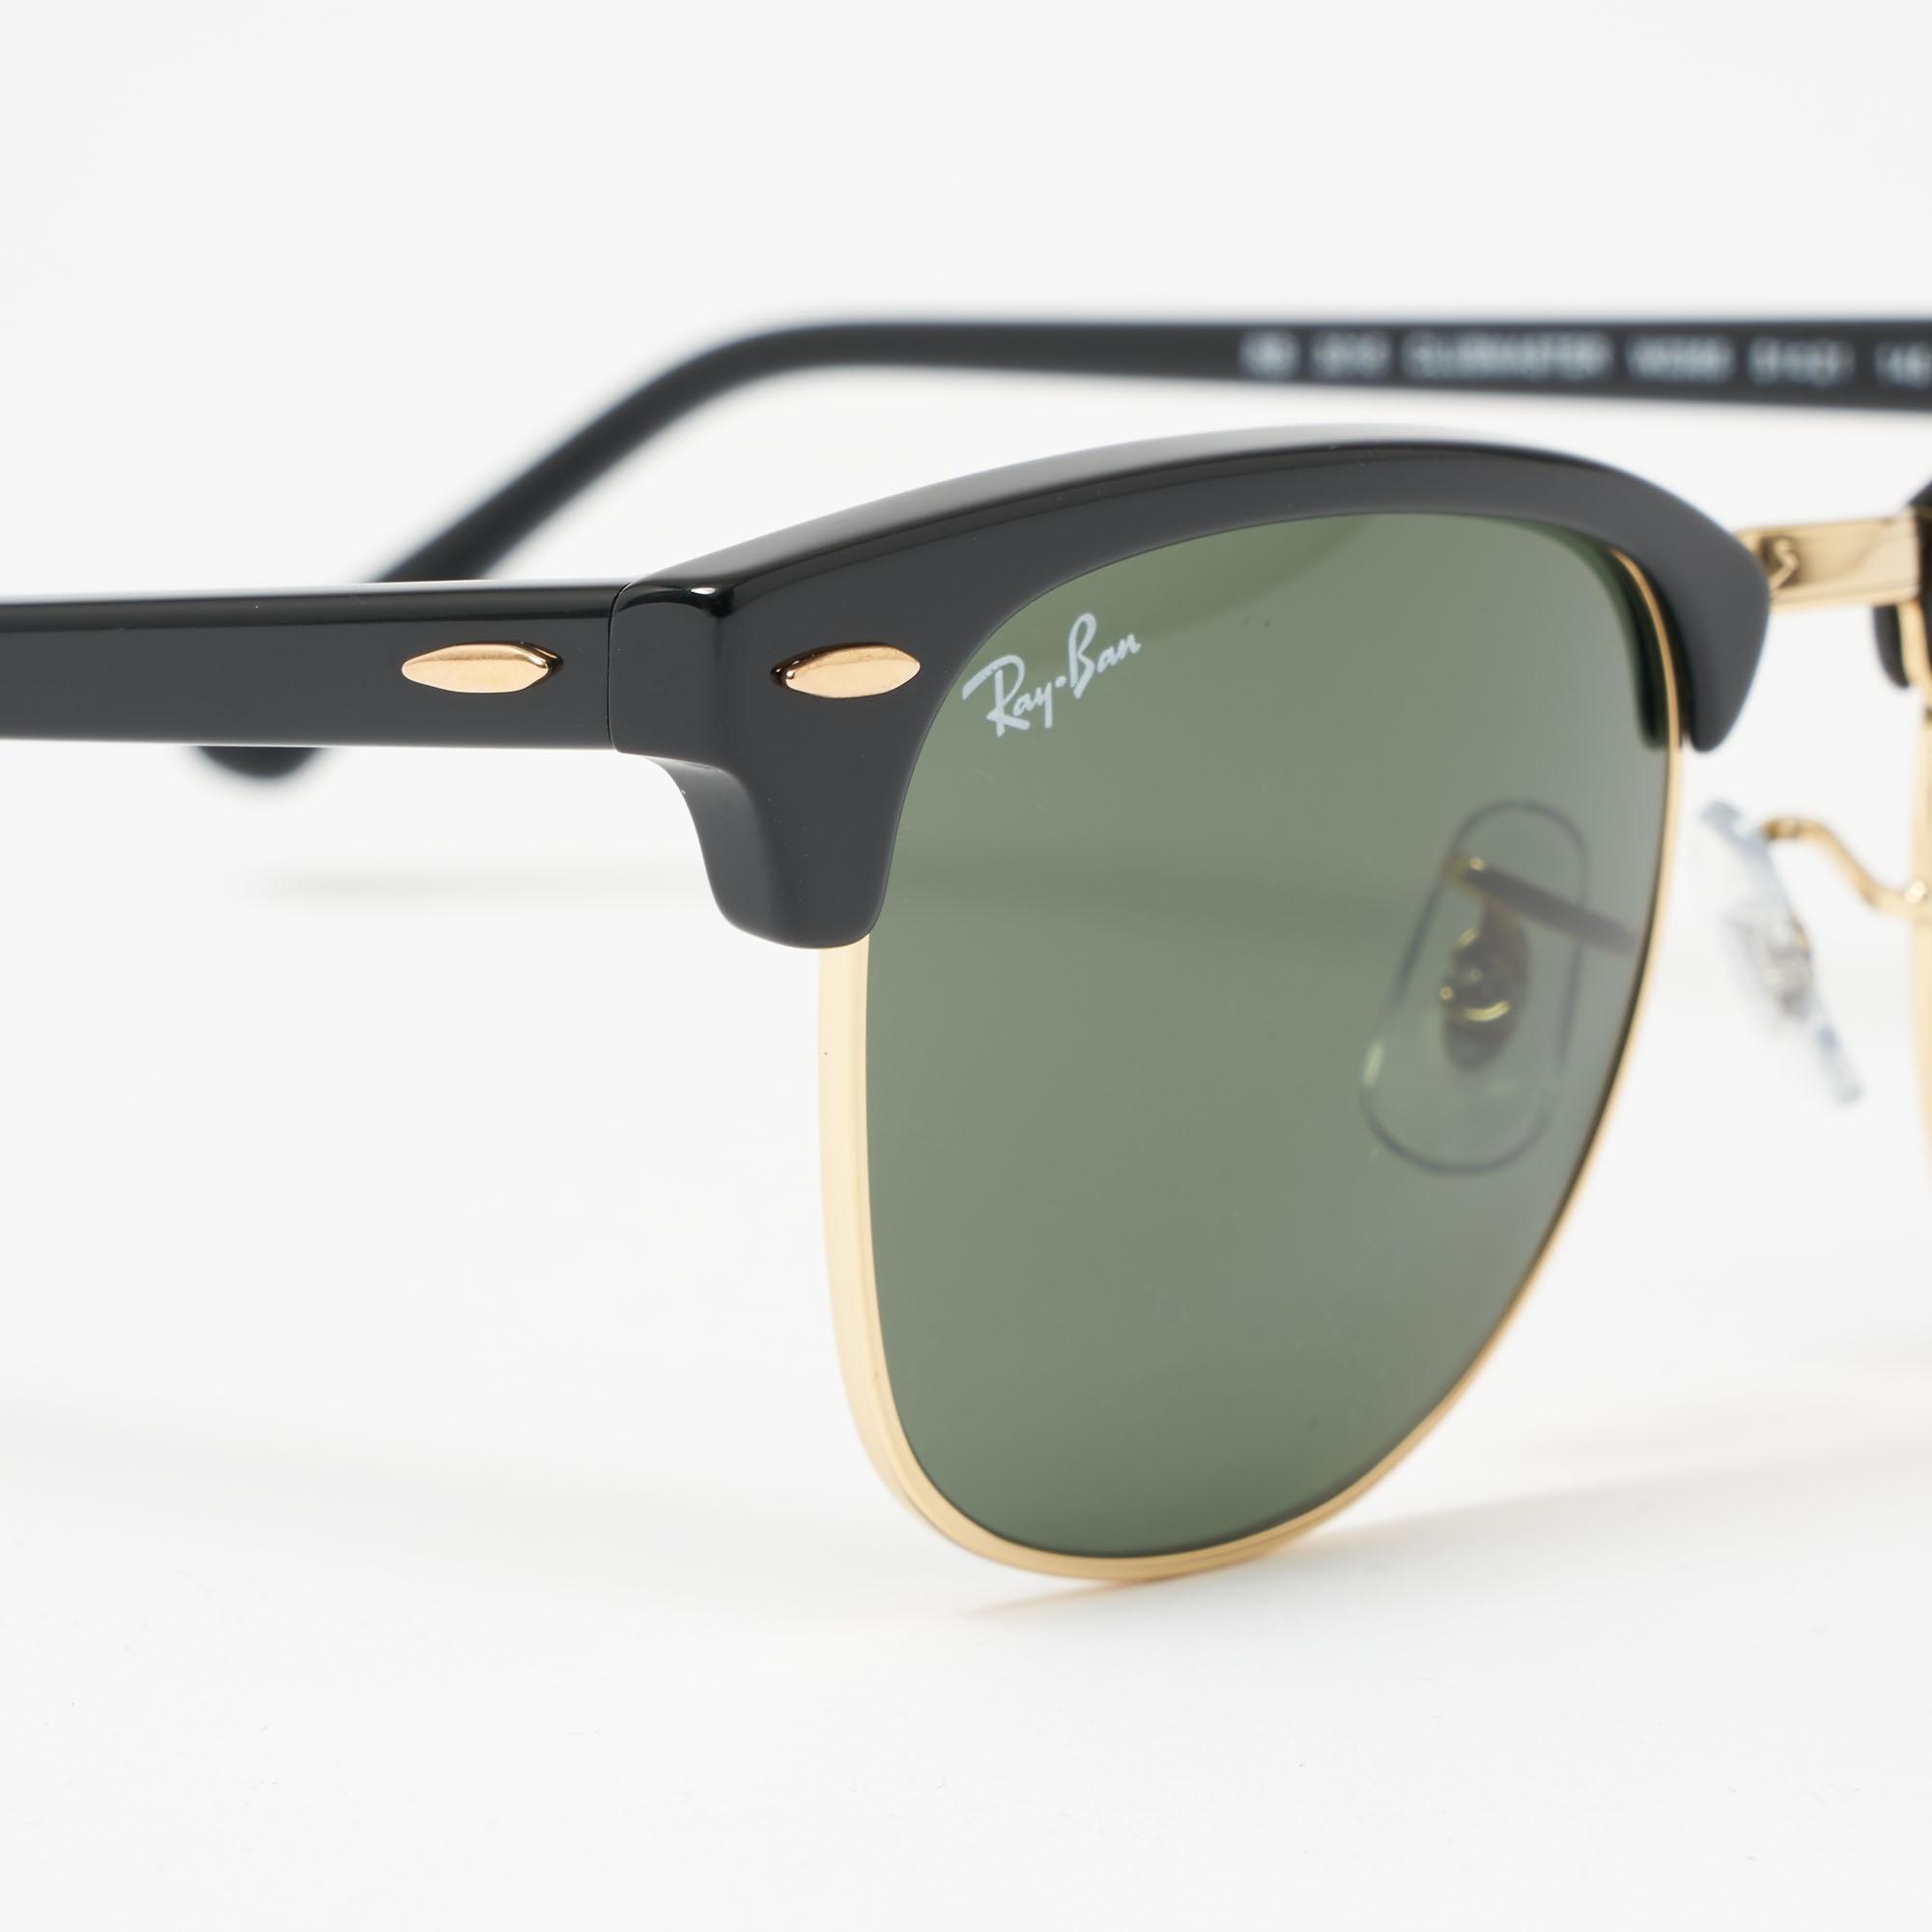 6c59842ec Black Clubround Classic Sunglasses - Green Classic G-15 Lenses